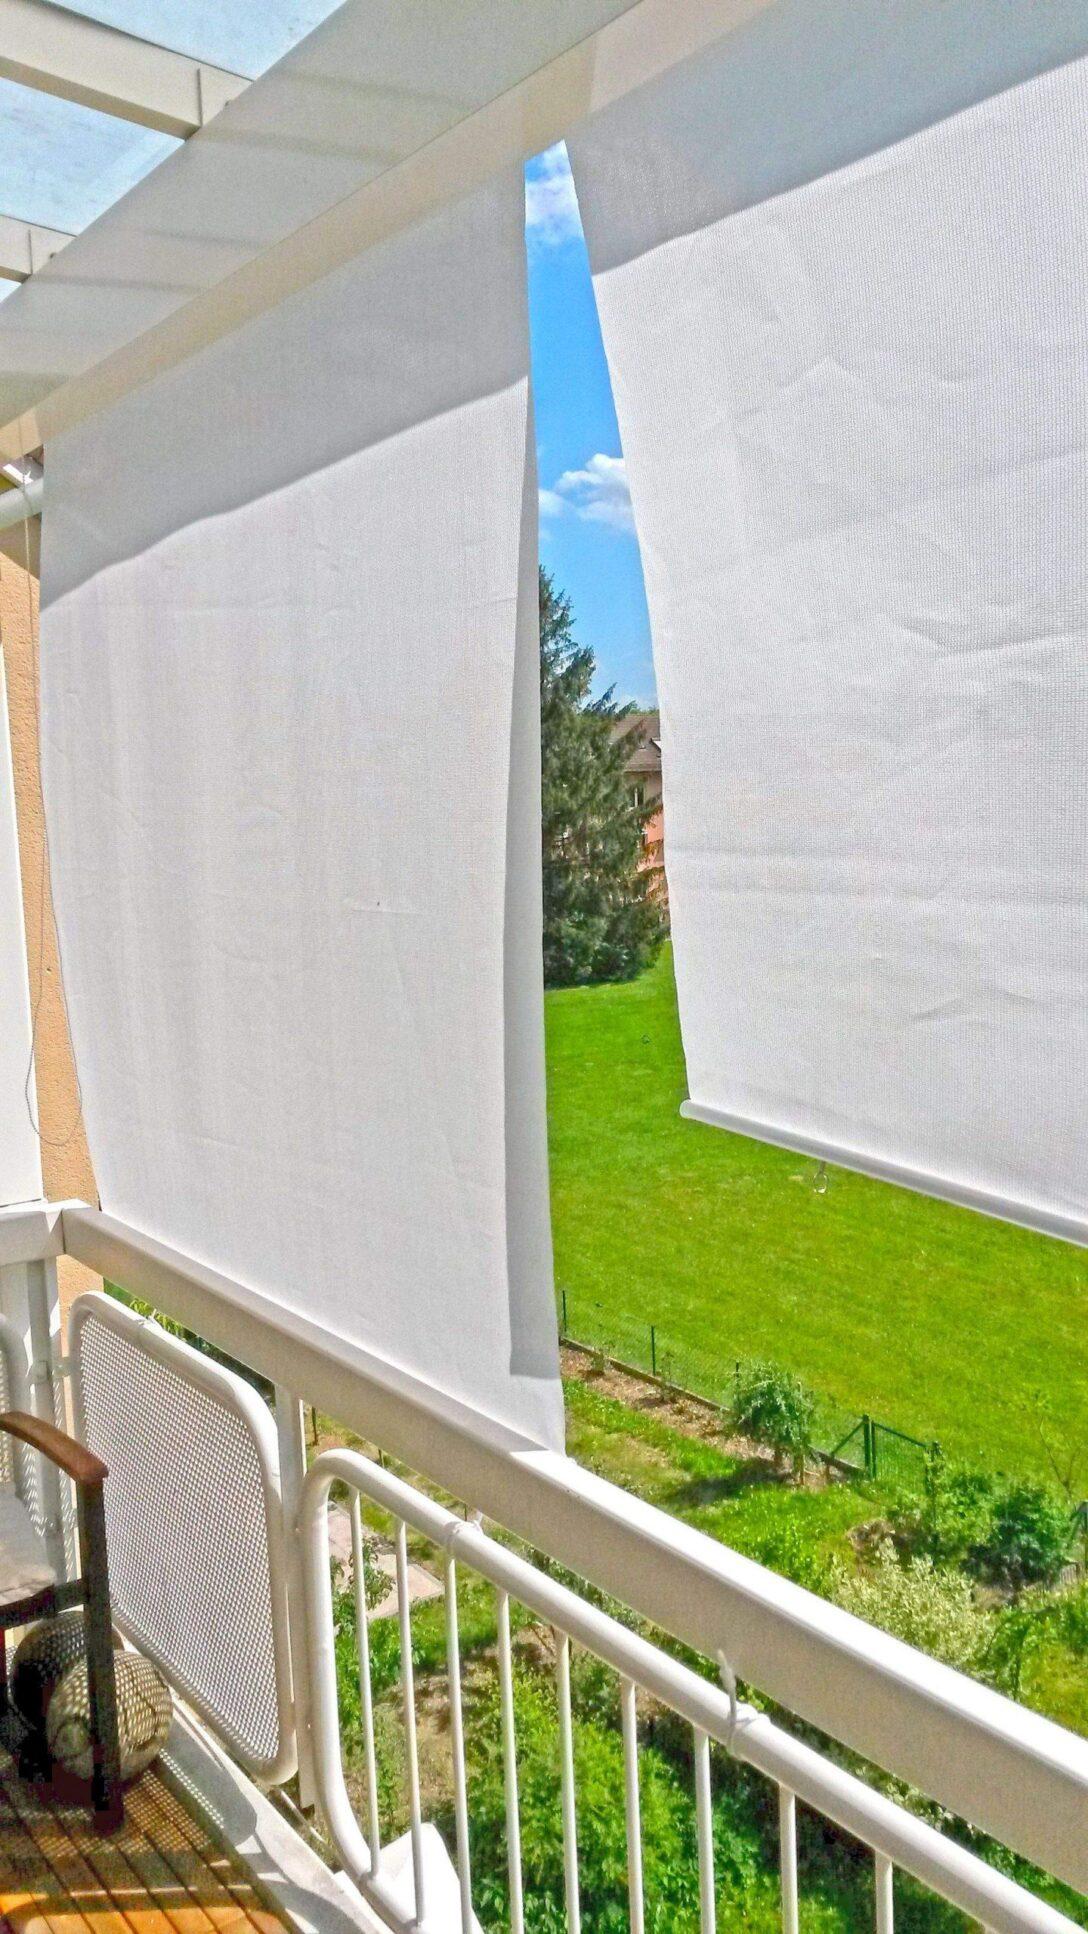 Large Size of Paravent Balkon Ikea 28 Einzigartig Garten Frisch Anlegen Betten 160x200 Küche Kaufen Kosten Miniküche Sofa Mit Schlaffunktion Bei Modulküche Wohnzimmer Paravent Balkon Ikea